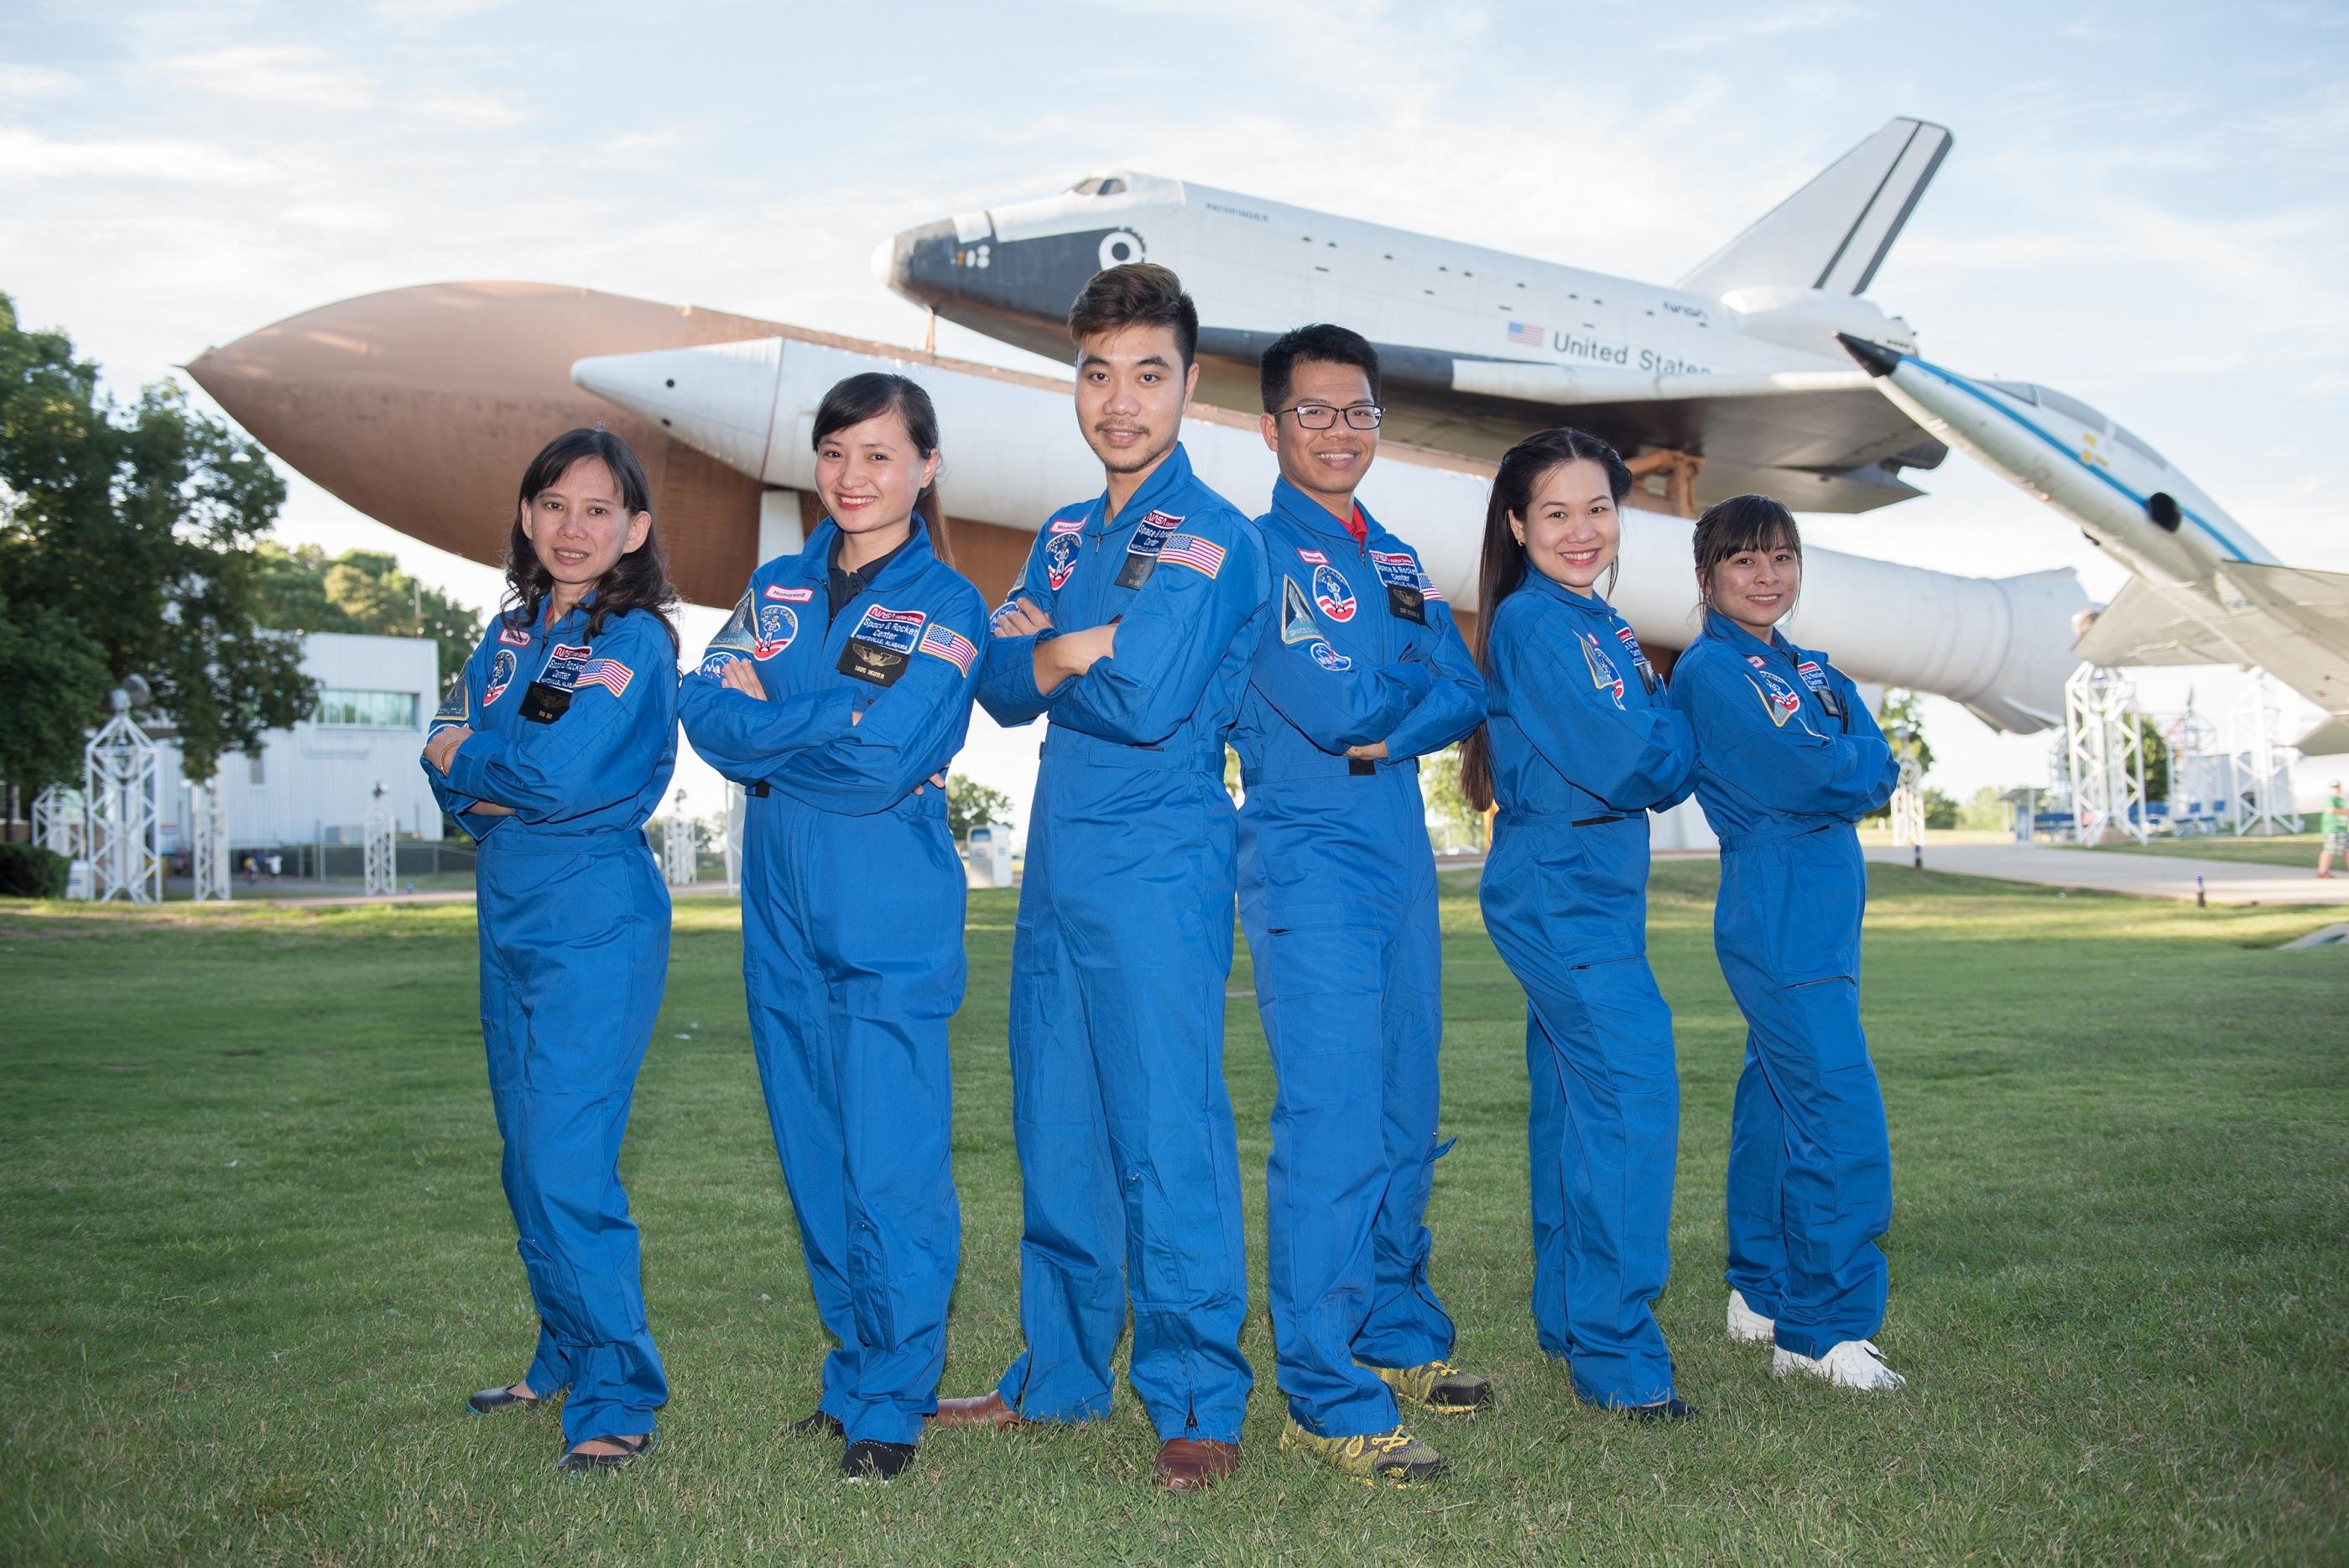 Honeywell đồng hành cùng giáo viên Việt Nam lan tỏa tinh thần khoa học tới cộng đồng - Ảnh 1.